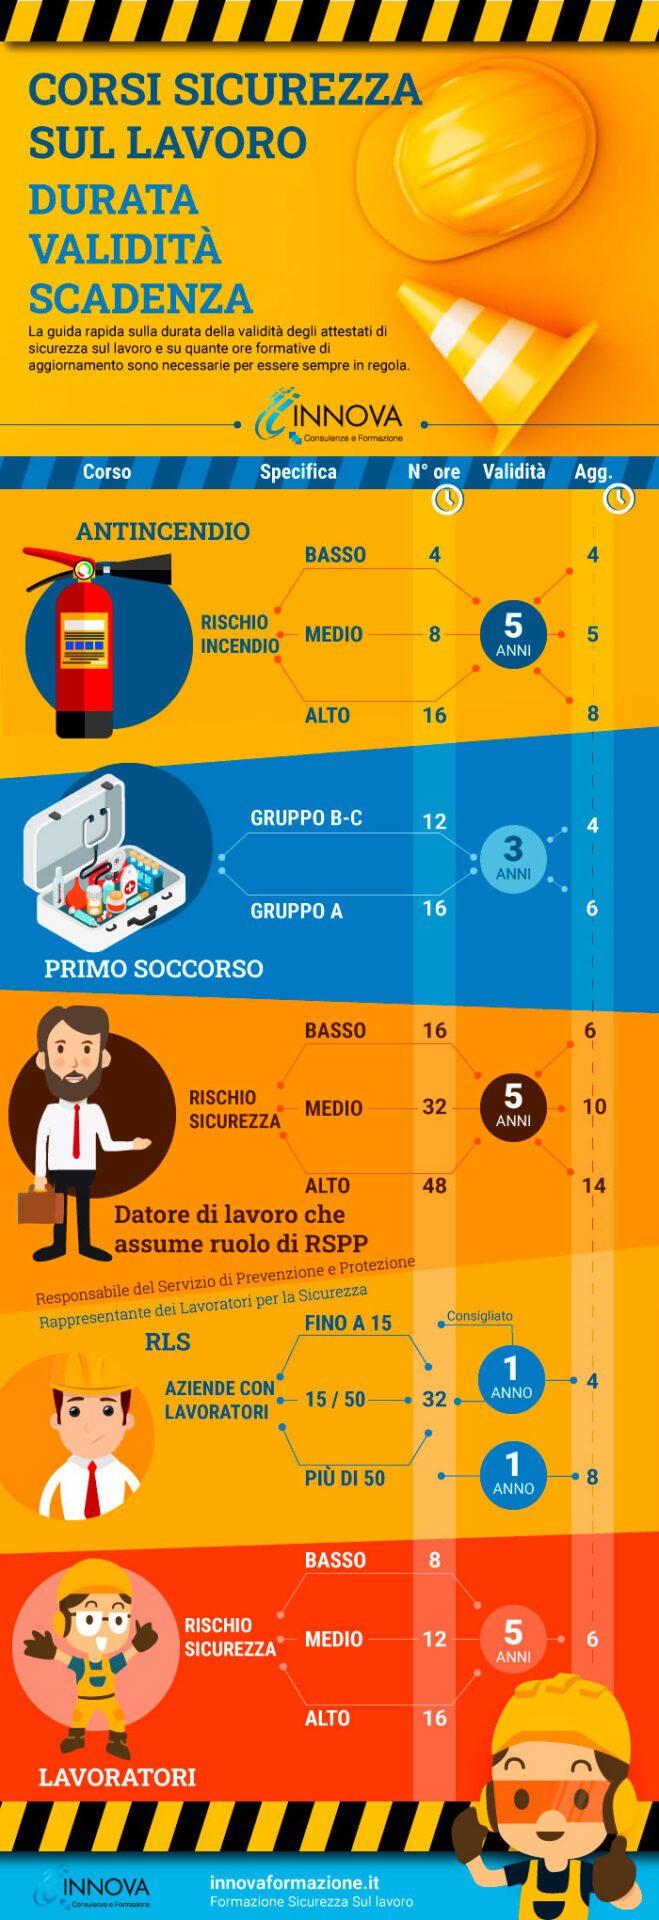 infografica corsi sicurezza sul lavoro, durata validità e scadenze dei corsi